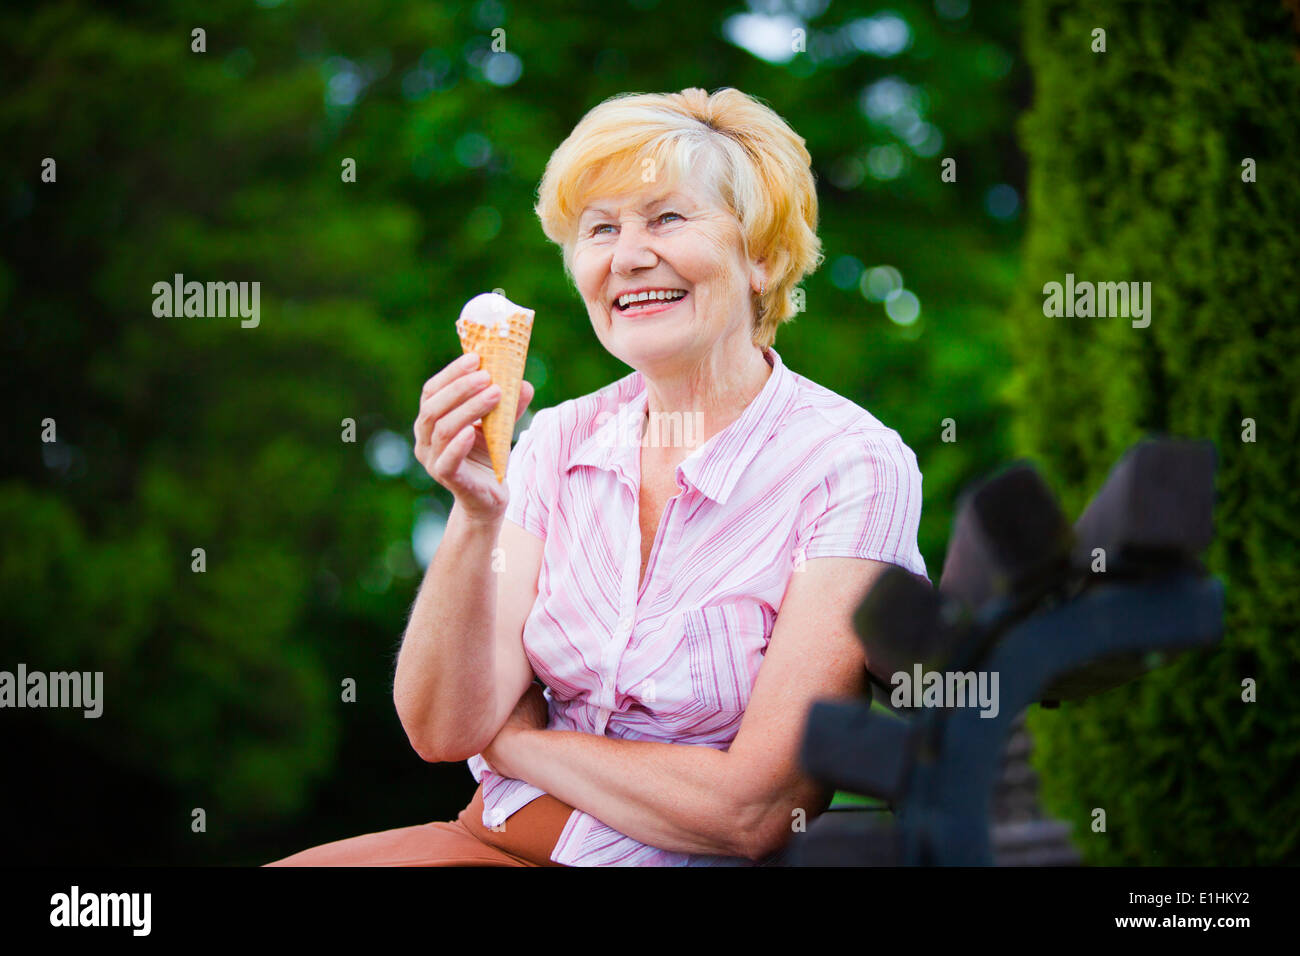 Oma Nanney fickt schöne blonde lezzie